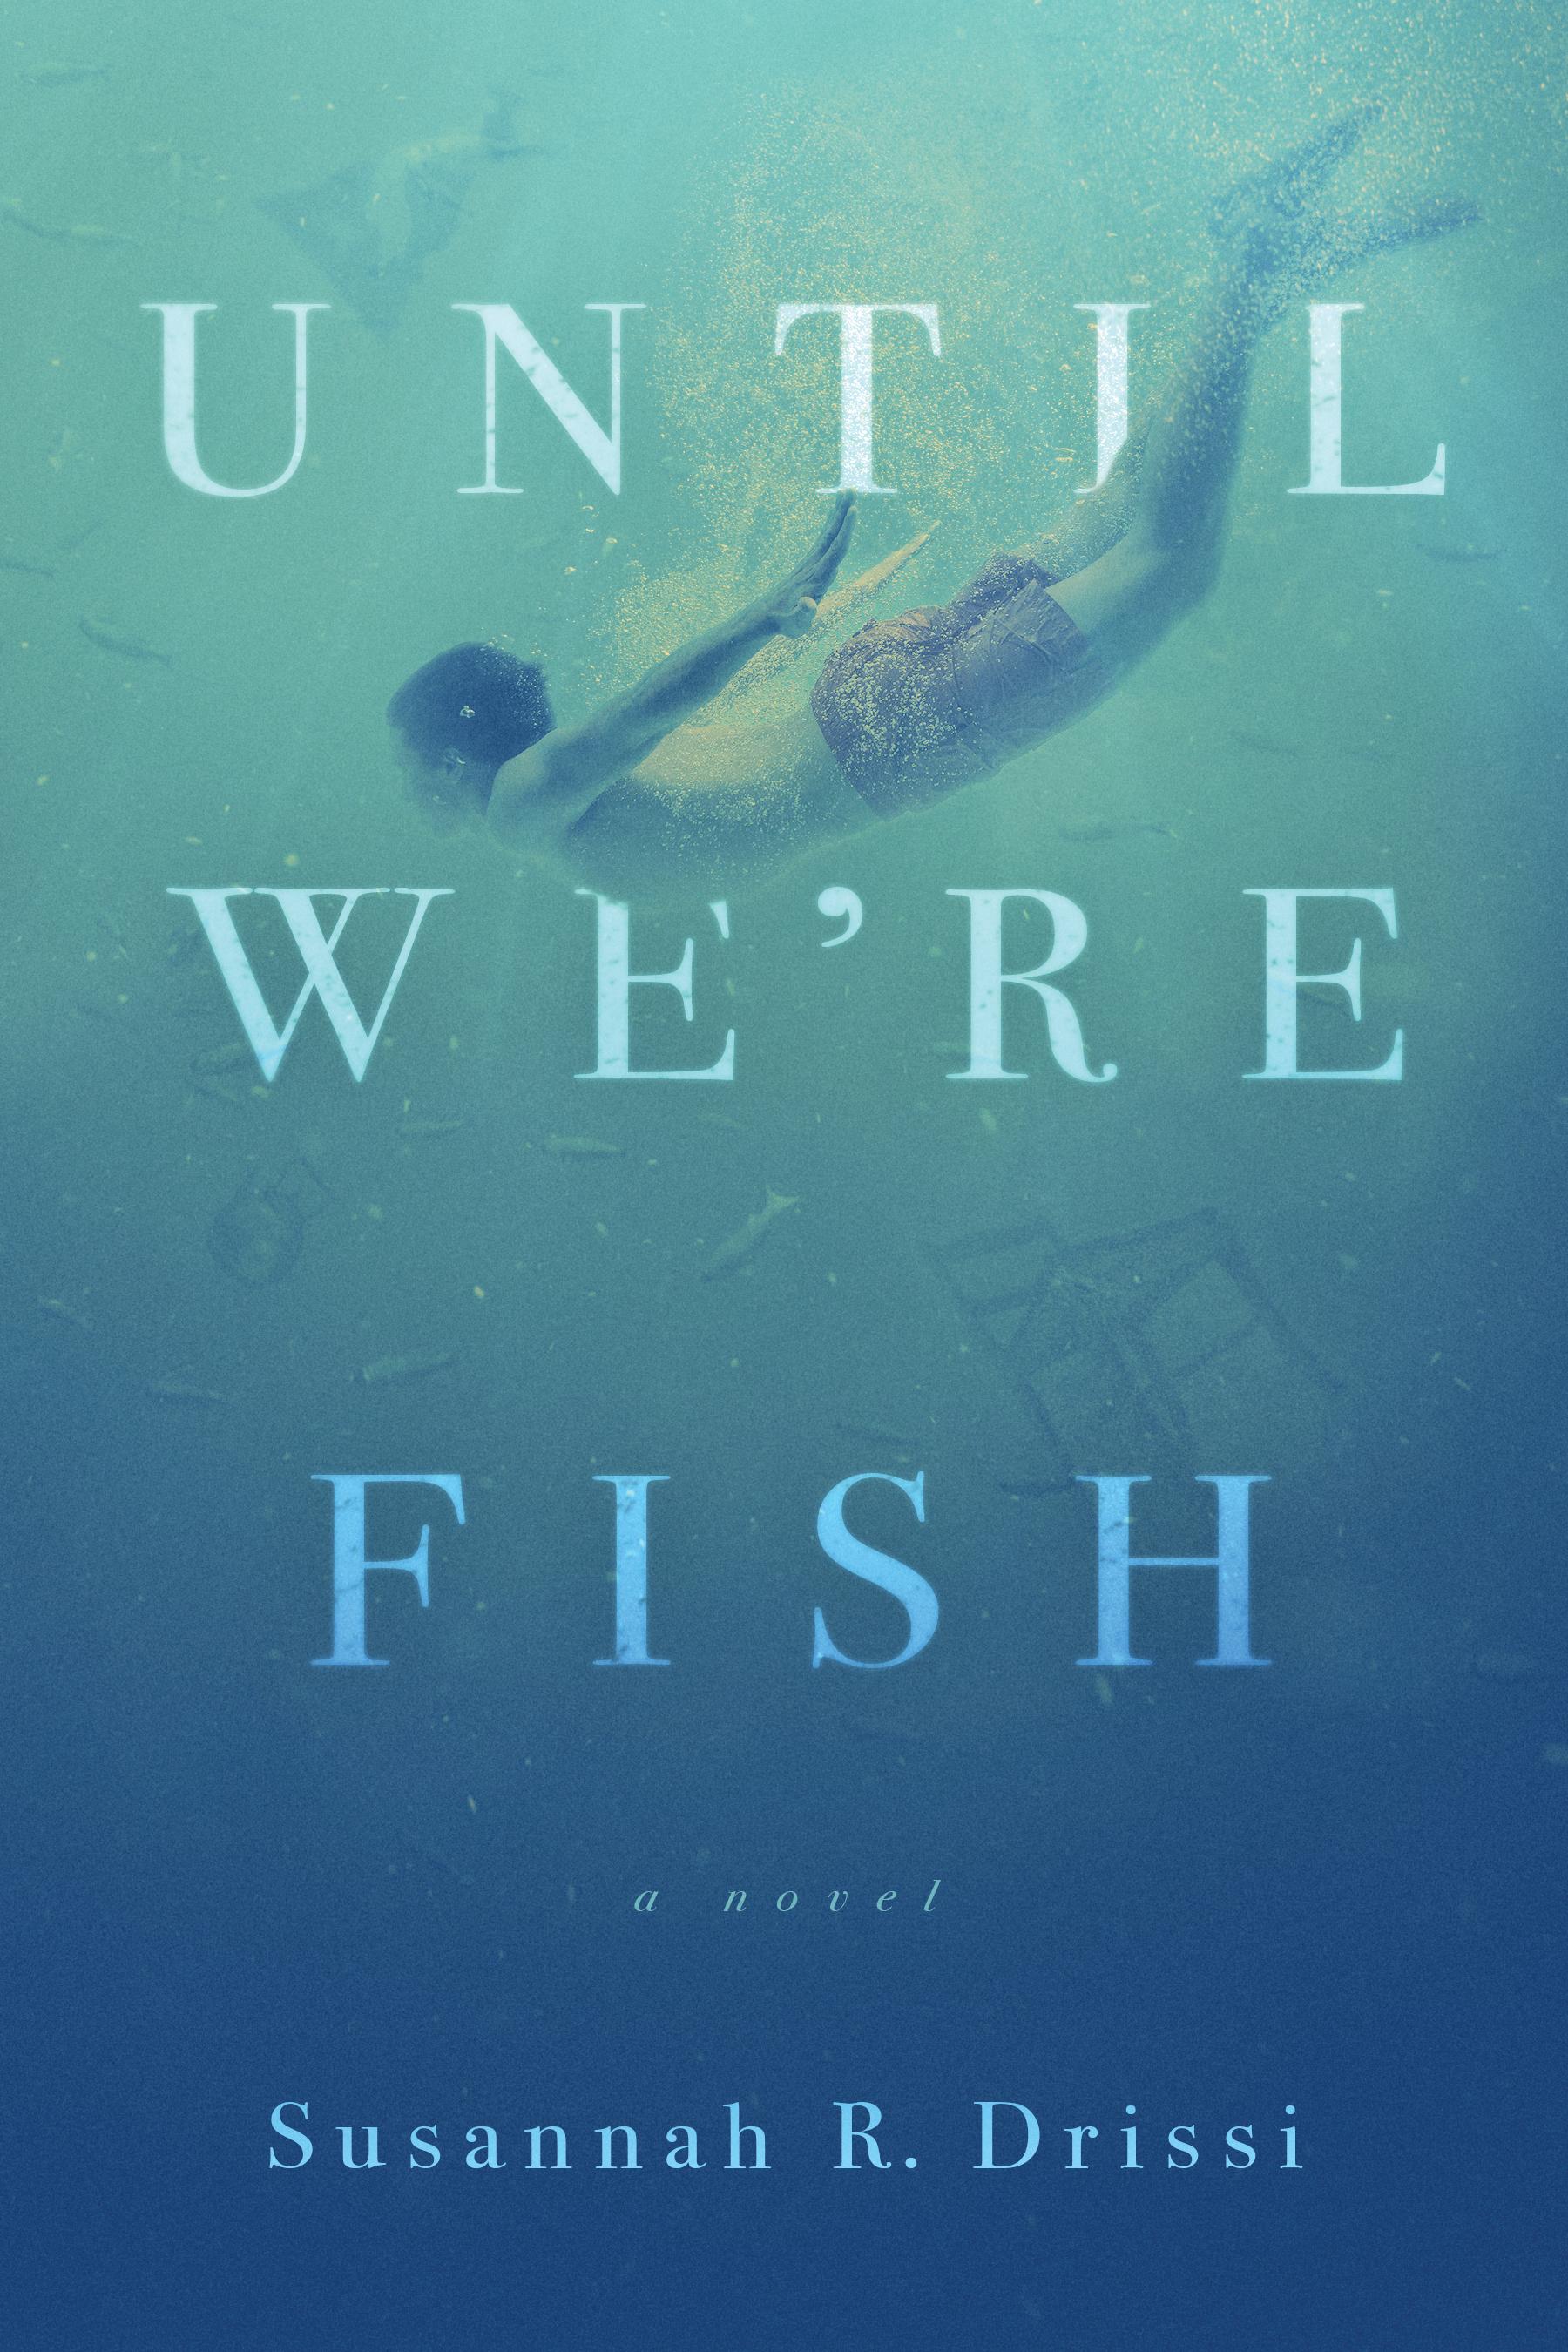 Until We're Fish by Susannah R. Drissi